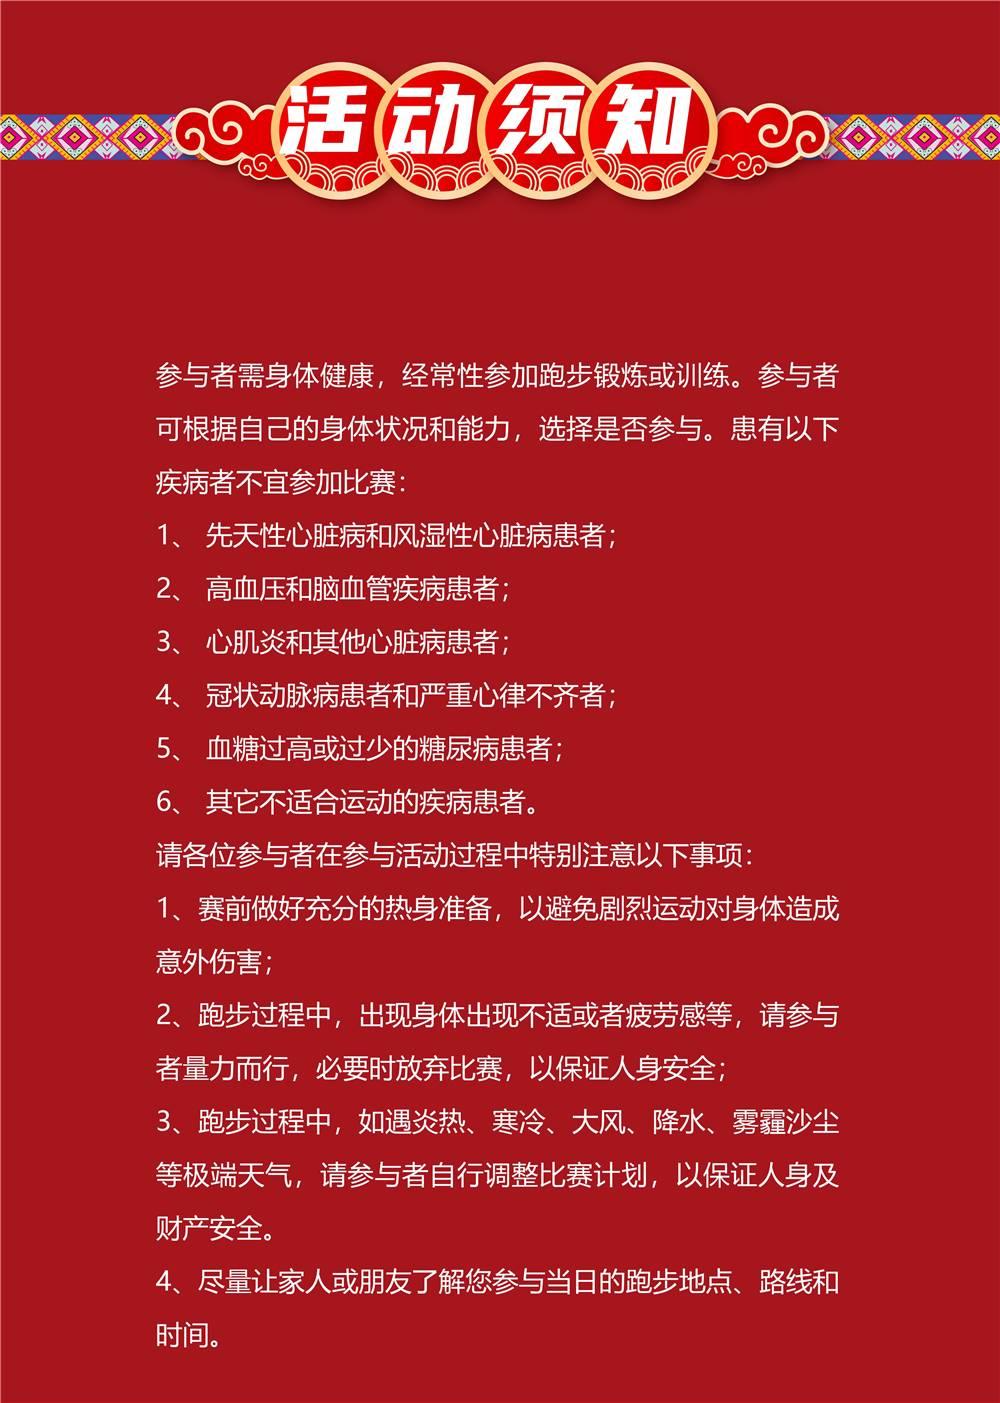 黎族牛节22-01_03.jpg